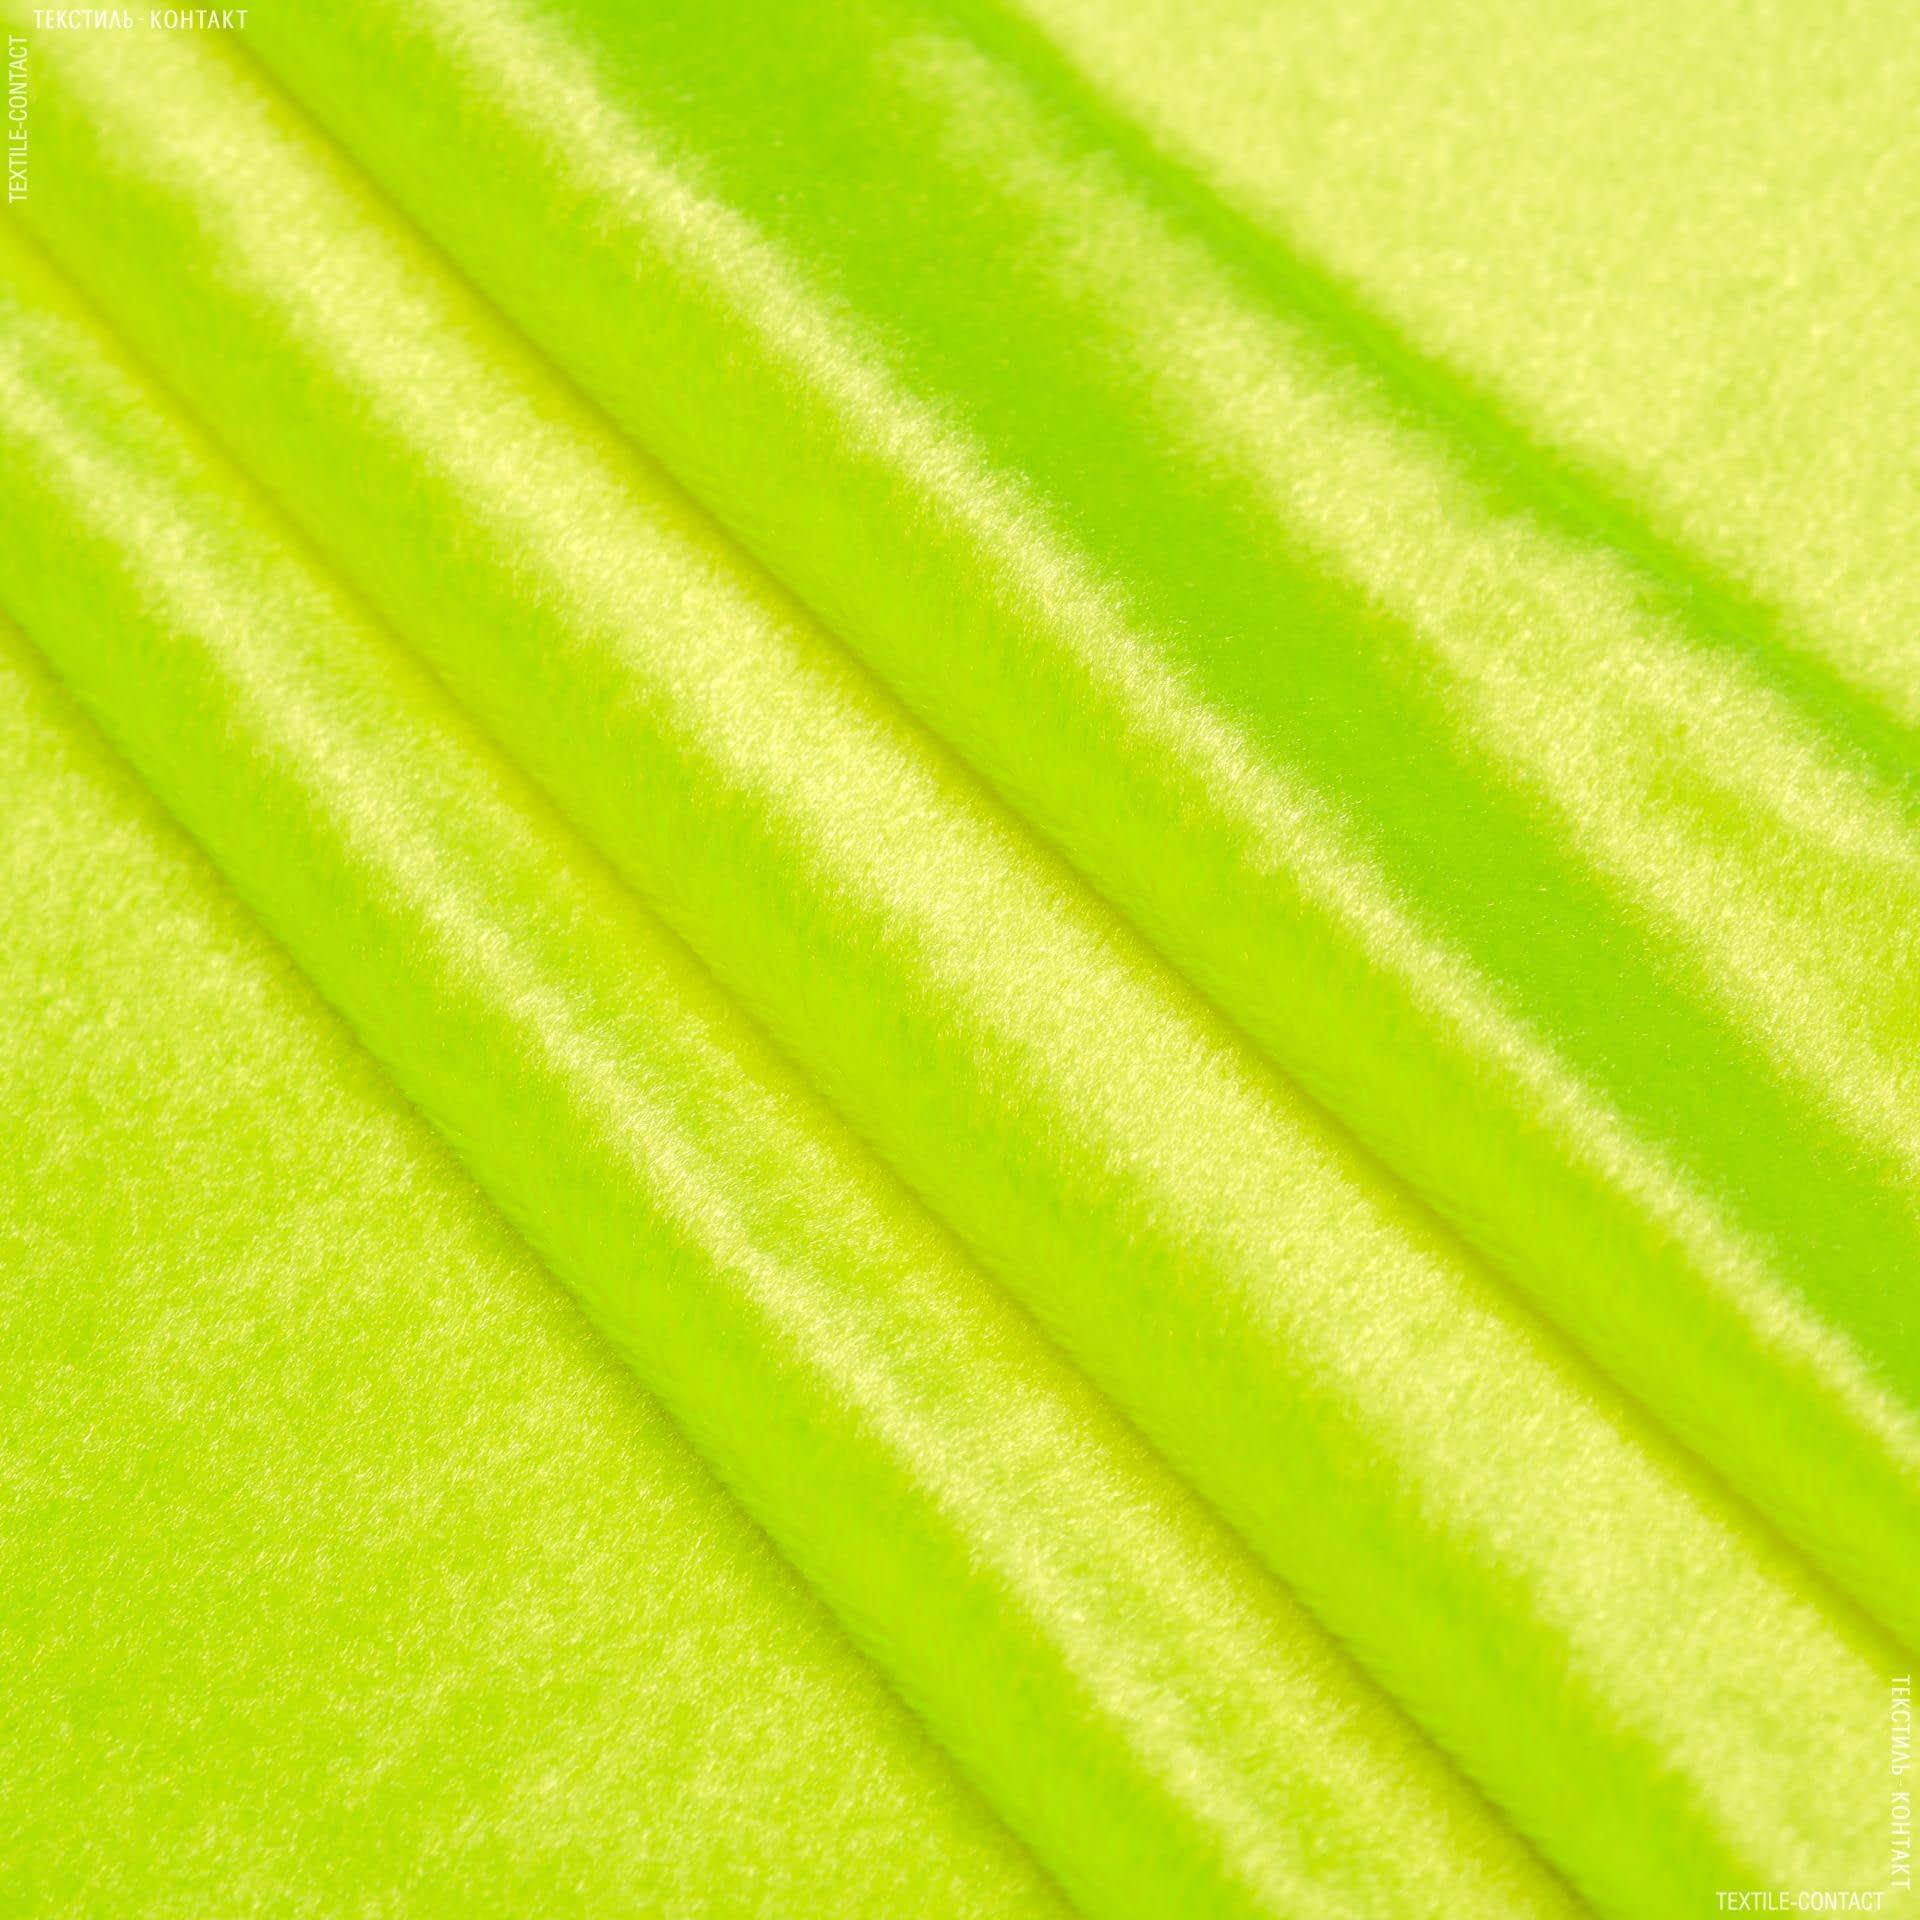 Ткани для мягких игрушек - Велюр ярко-лимонный